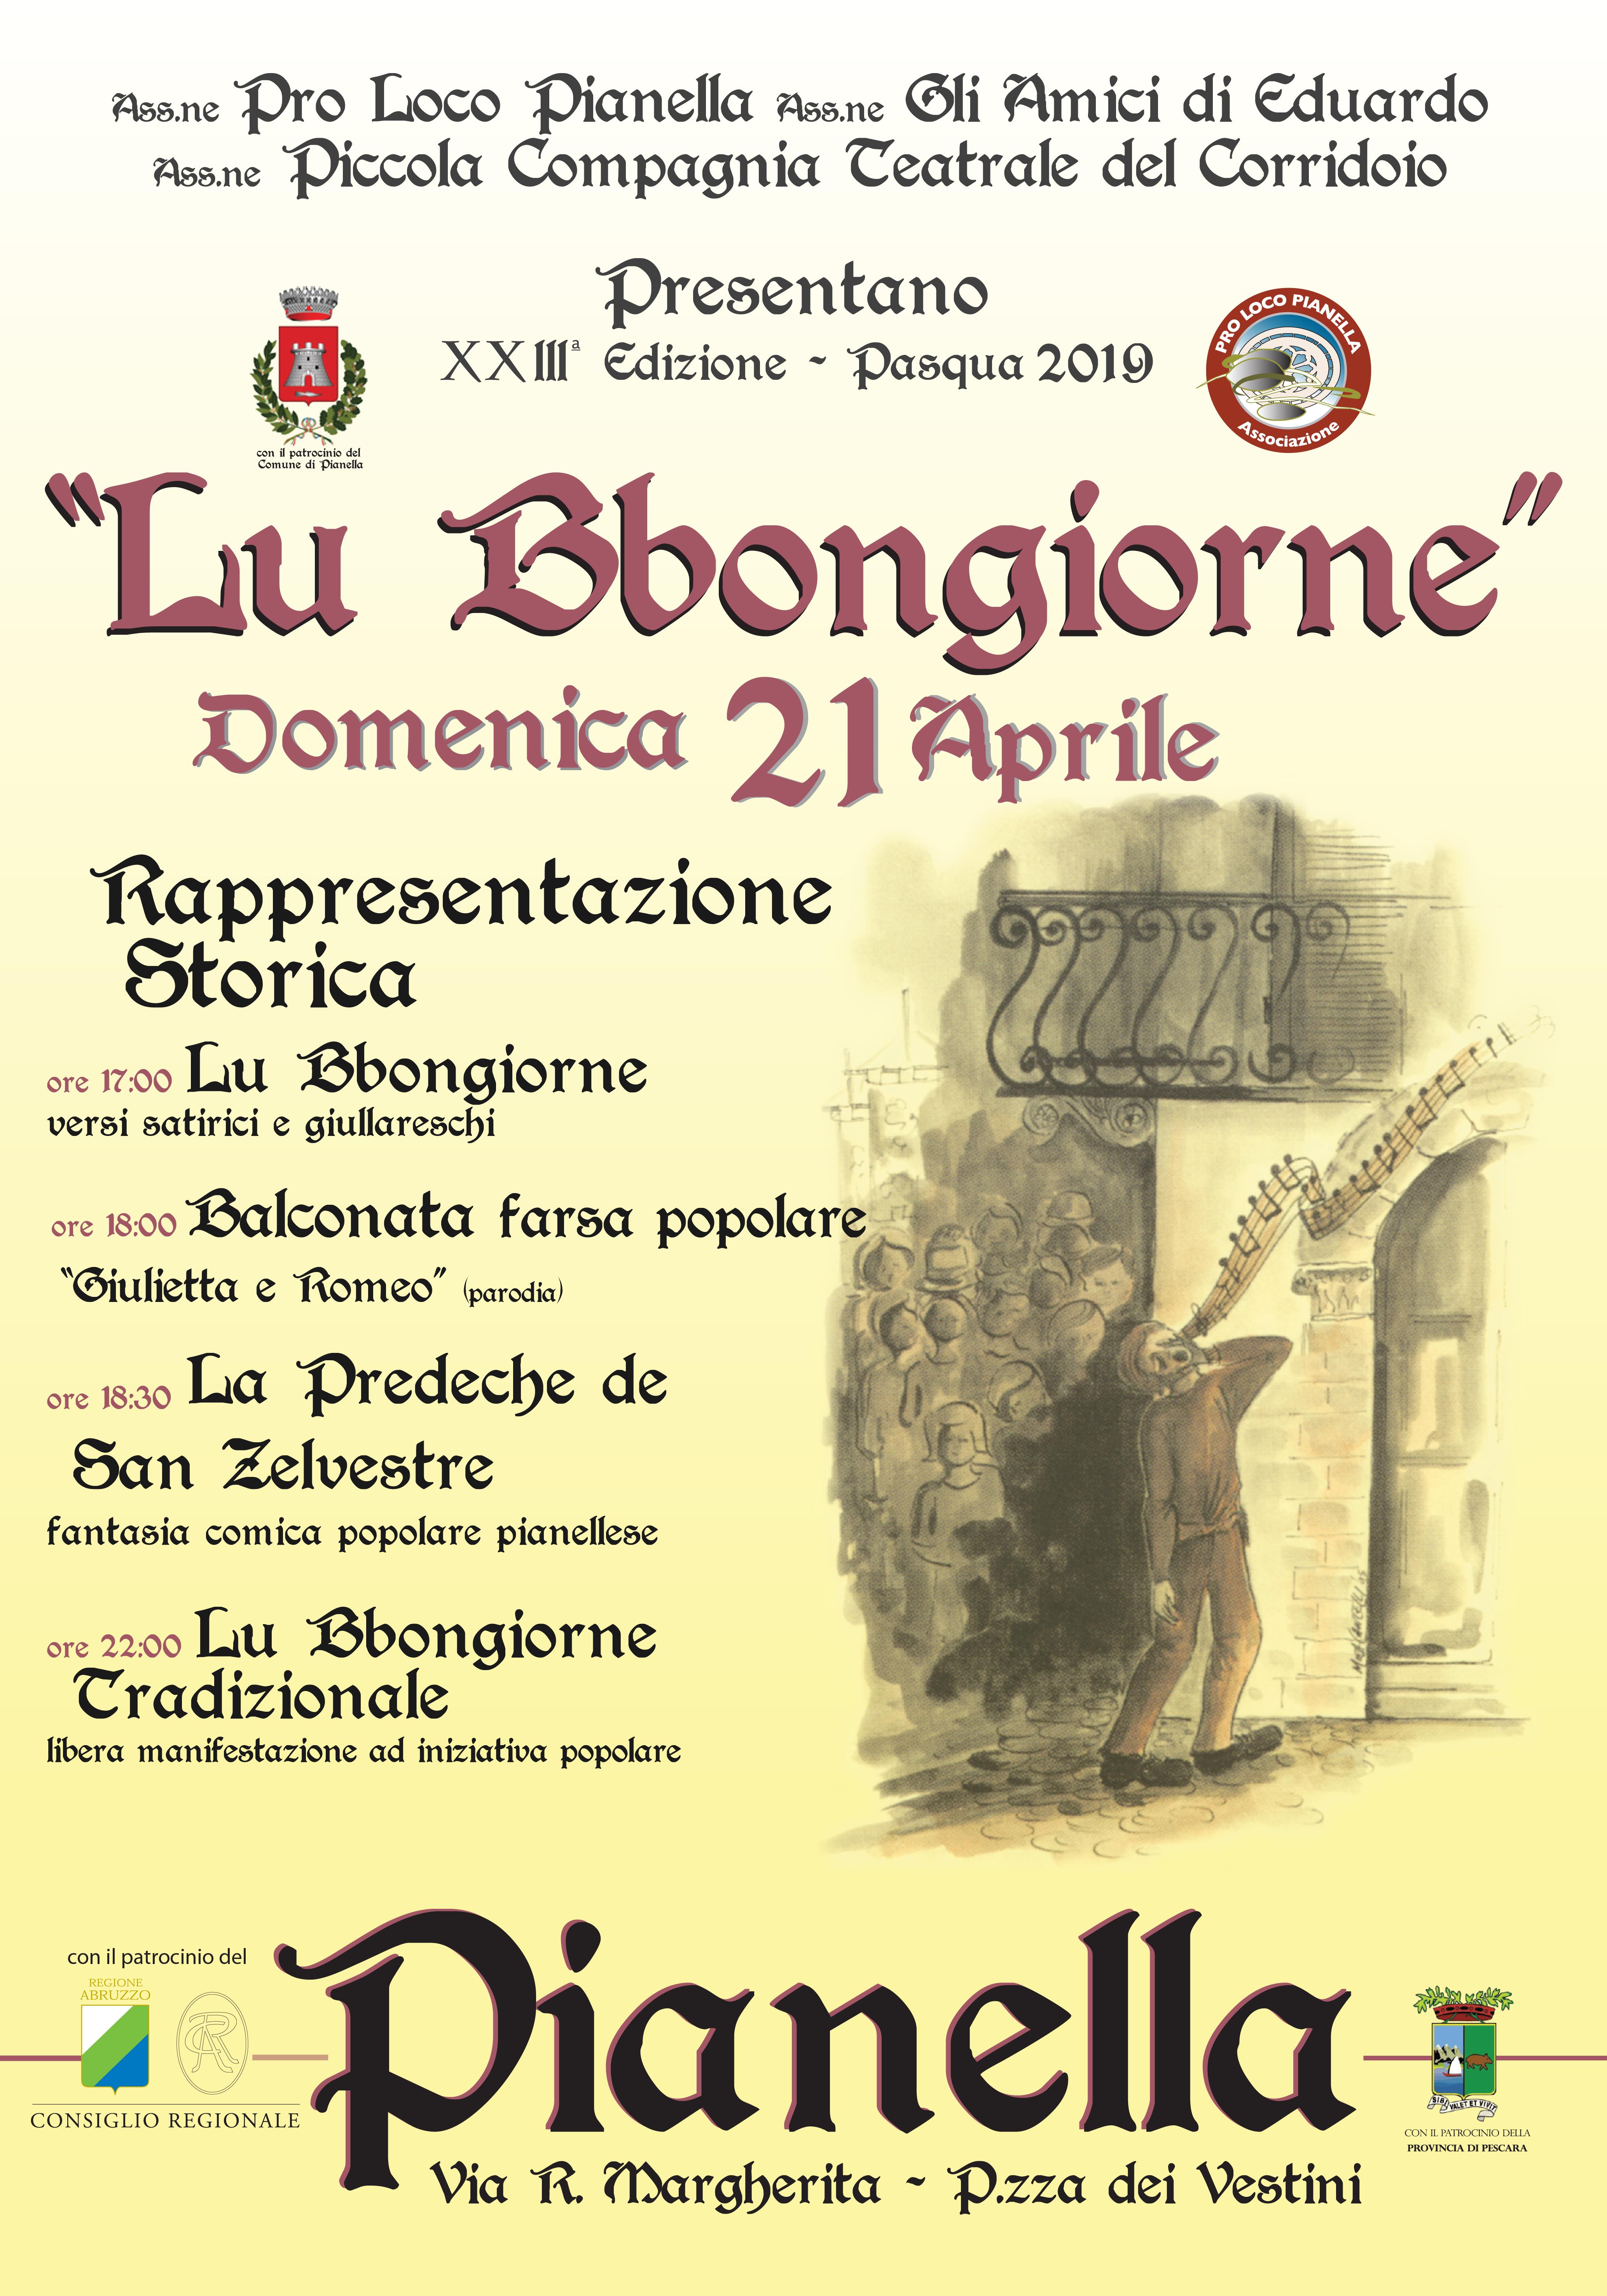 XXIII ed. Rappresentazione Storica de Lu Bbongiorne - Pasqua 2019